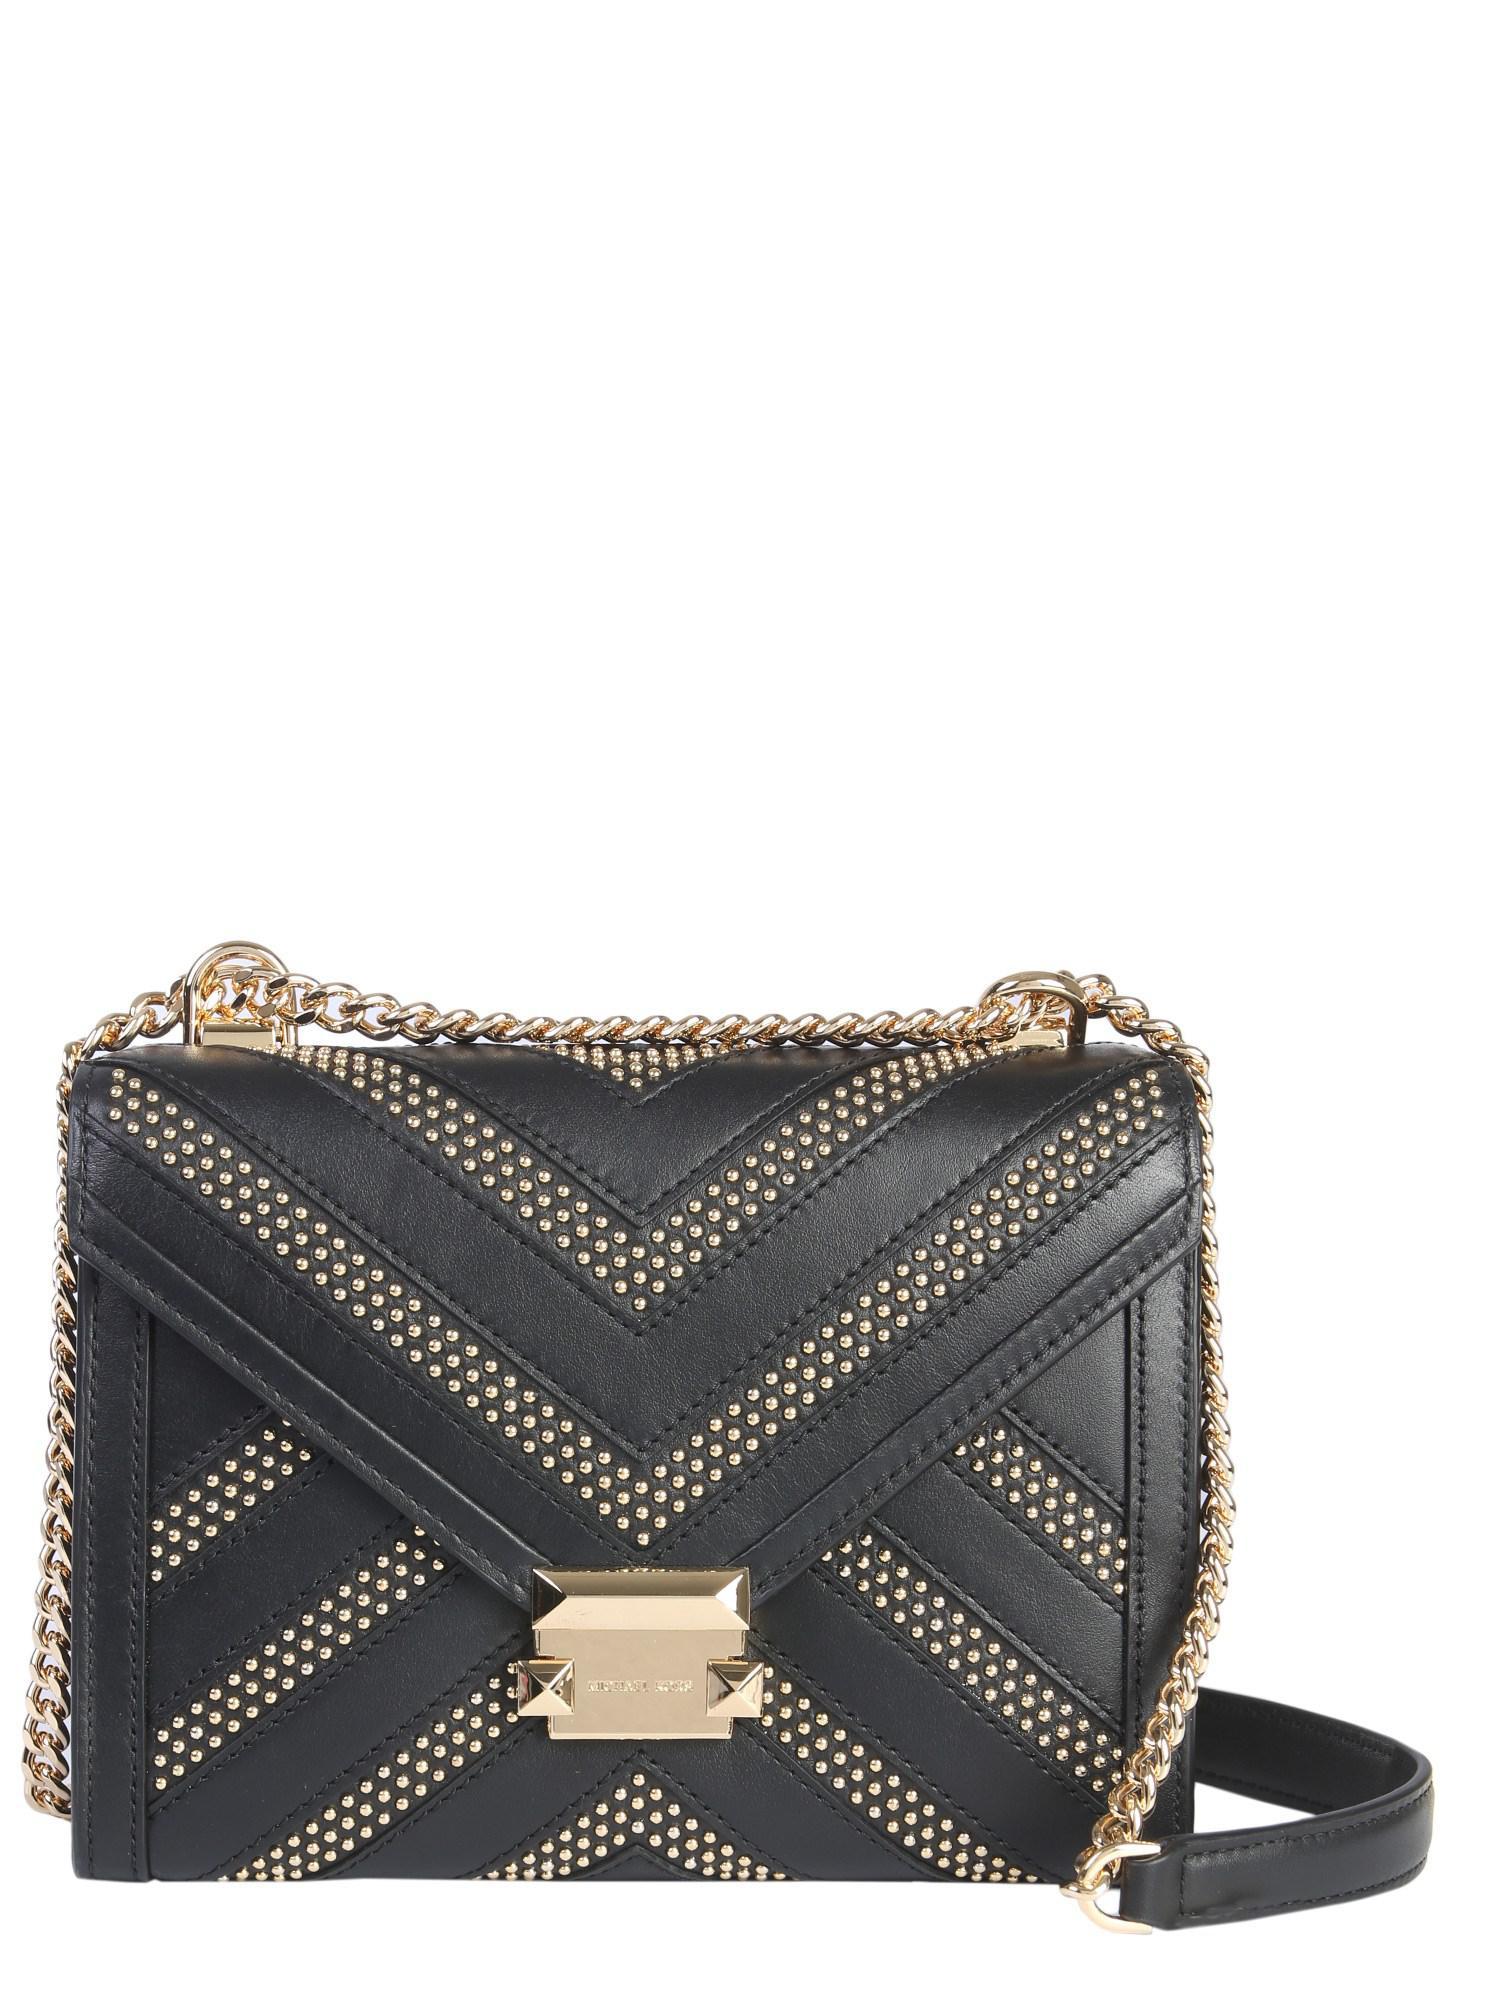 e4f679555537 MICHAEL Michael Kors. Women s Black Whitney Studded Leather Shoulder Bag